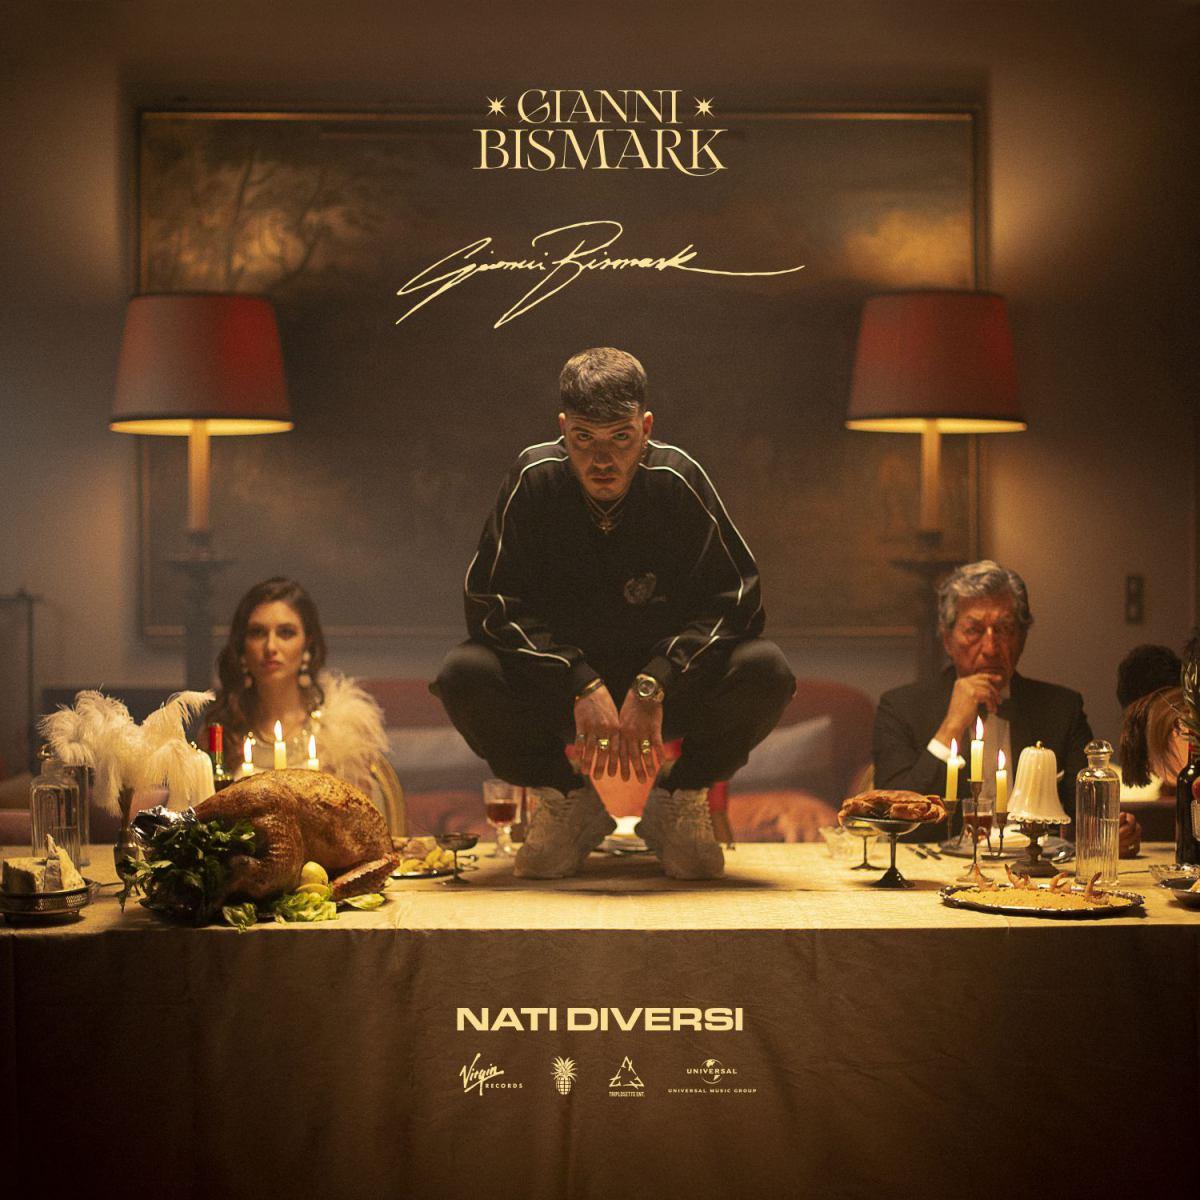 È disponibile Nati diversi il disco di Gianni Bismark